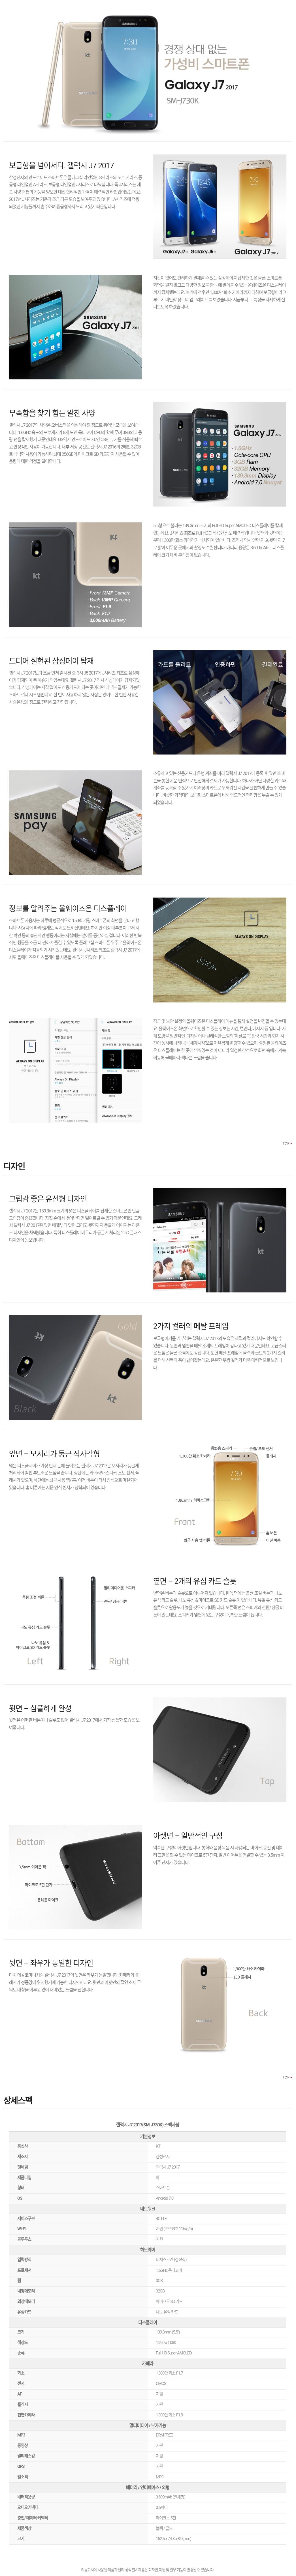 http://www.kt-mobile.com/bs/se2/imgup/1523119979j730_00.jpg